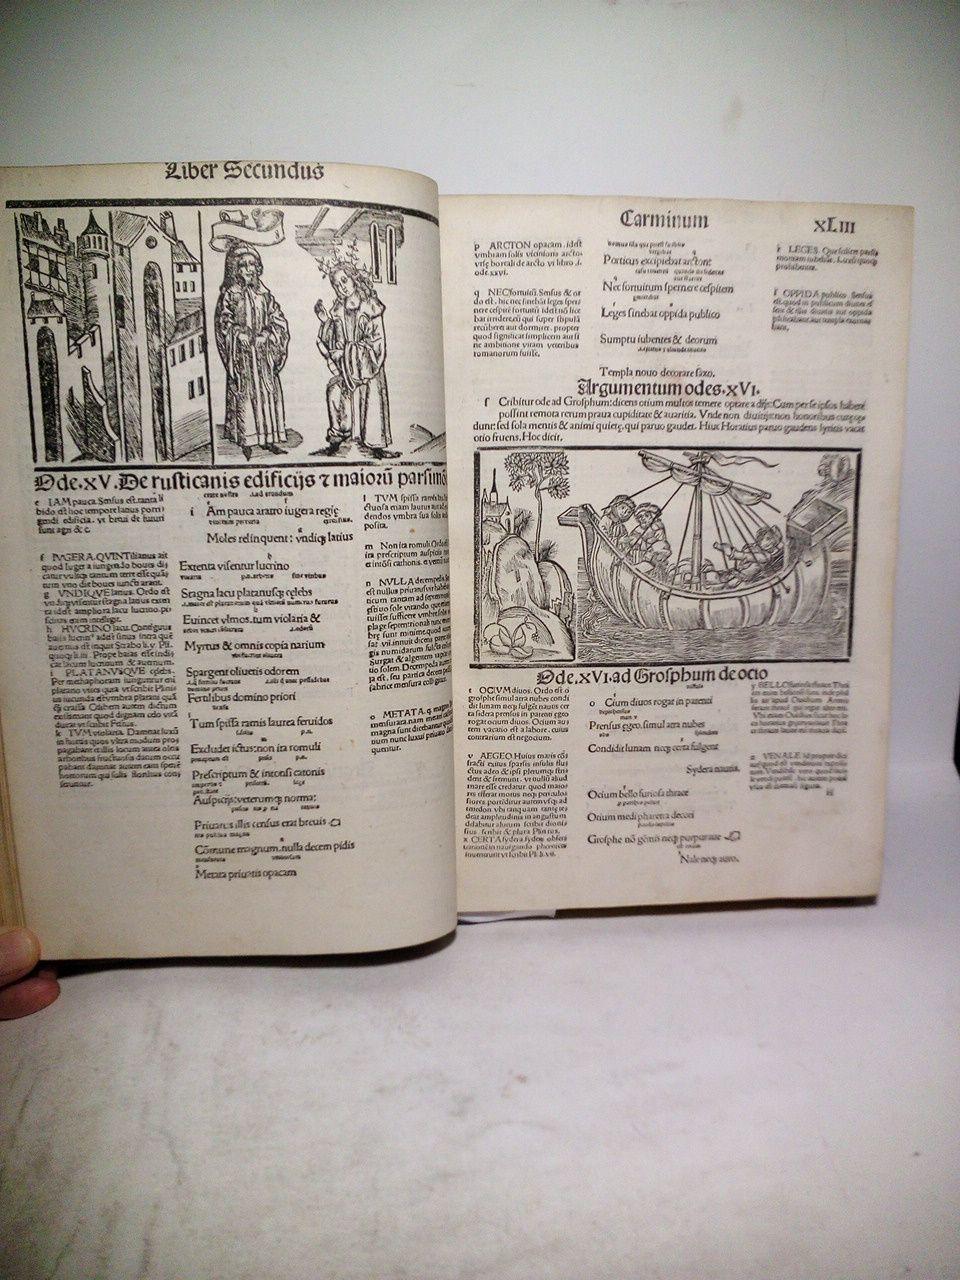 """[h. 1. sin numerar, Portada en 4 líneas] Horatii flacci Venusini. Poete lirici opera cu(m) quibusdam Annotatio(n)ib9[us]. Imaginibuf(s)q3(ue) pulcherrimis. aptisq3(ue) ad Odaru(m) conce(p)tus [et] sente(n)tias / [y en la misma h. 1 sin numerar -recto-, debajo del título, lleva estampado un bonito grabado representando al autor sentado en su escritorio / [en la hoja 2 sin numerar -al recto-, tiene 5 líneas salteadas entre el texto impresas en letras más grandes de estilo algo gótico, diciendo]: [1] Ad Lectores / [2] Iacobi Locher philomuf(s)i poete laureati Epigr(m)ma / [3] Tetraf(s)ticon Philomuf(s)i / [4] Kathedra Muf(s)arum / [sigue en el medio una preciosa xilografía, en la que se ve a Horacio coronado por la musa """"Calliope"""" sentada en un trono central, flanqueado por otras ocho musas] / [5] Loquitur Calliope Horatium coronans / [la hoja 2 sin numerar -al verso-, comienza con 2 líneas seguidas en letra grande tipo gótica] Epif(s)tola ad Marchiomem Carolum / Ad illuf(s)tre(m) princip"""